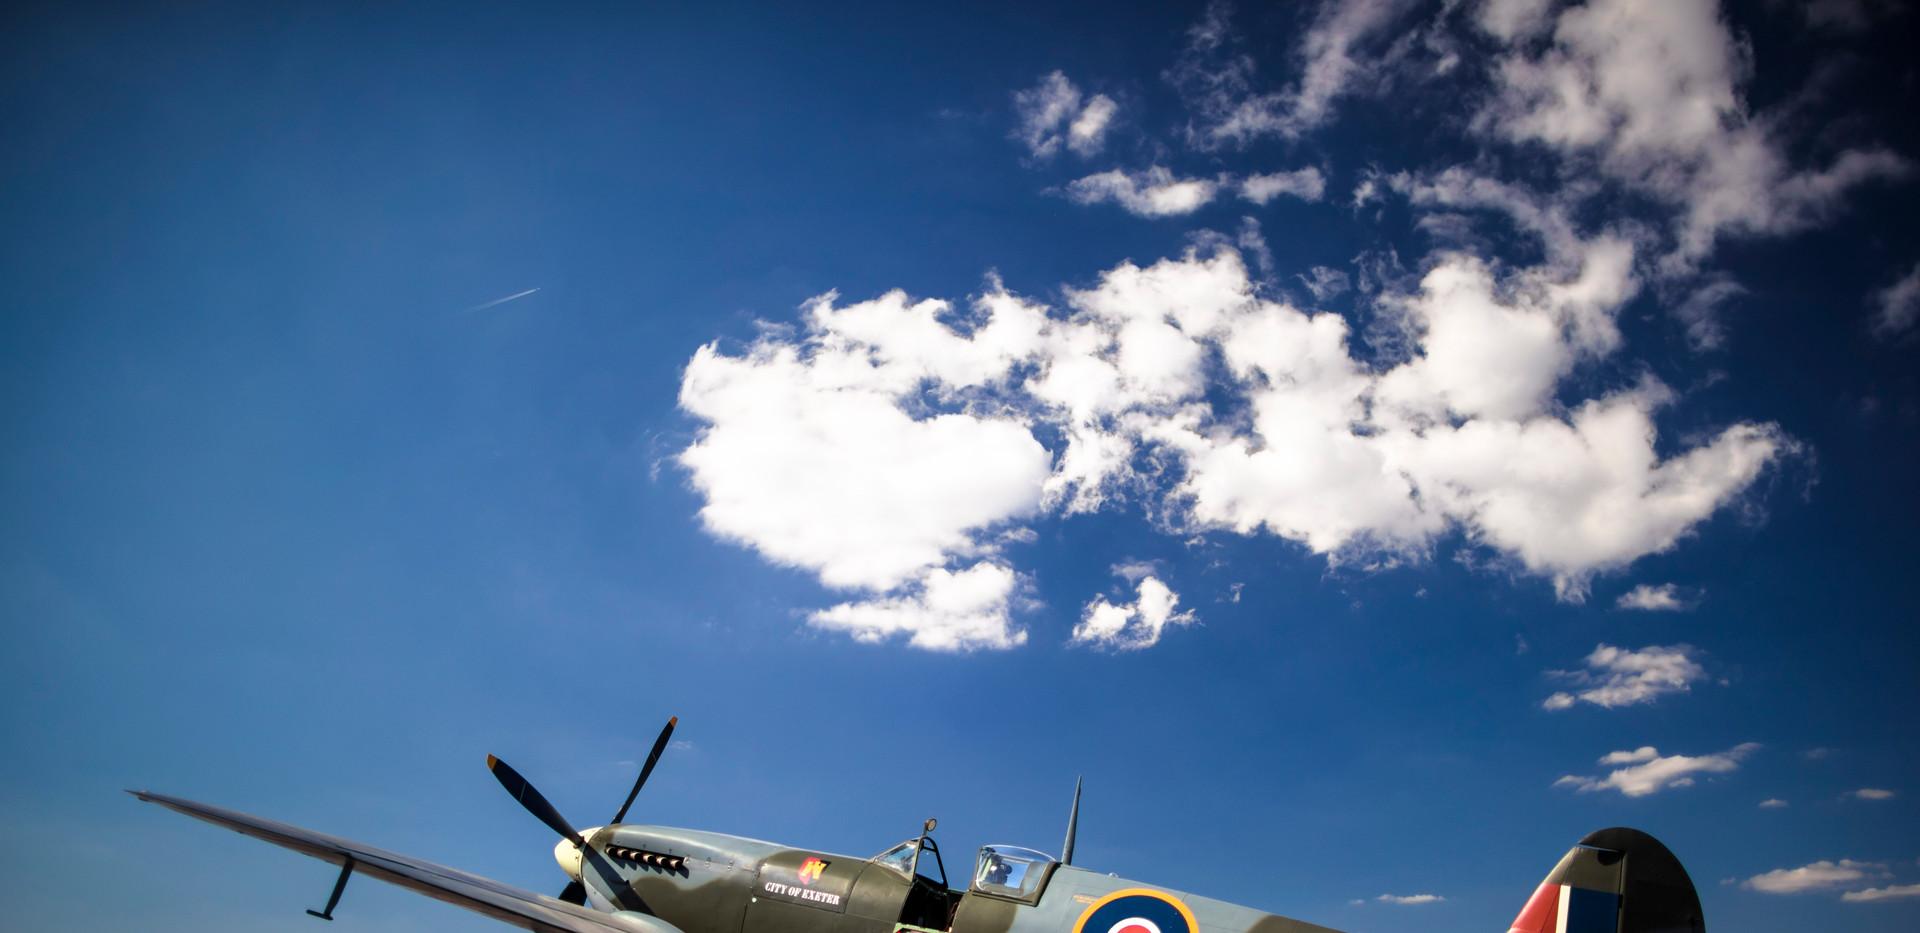 0709_DG_Mustang_Spitfire.jpg